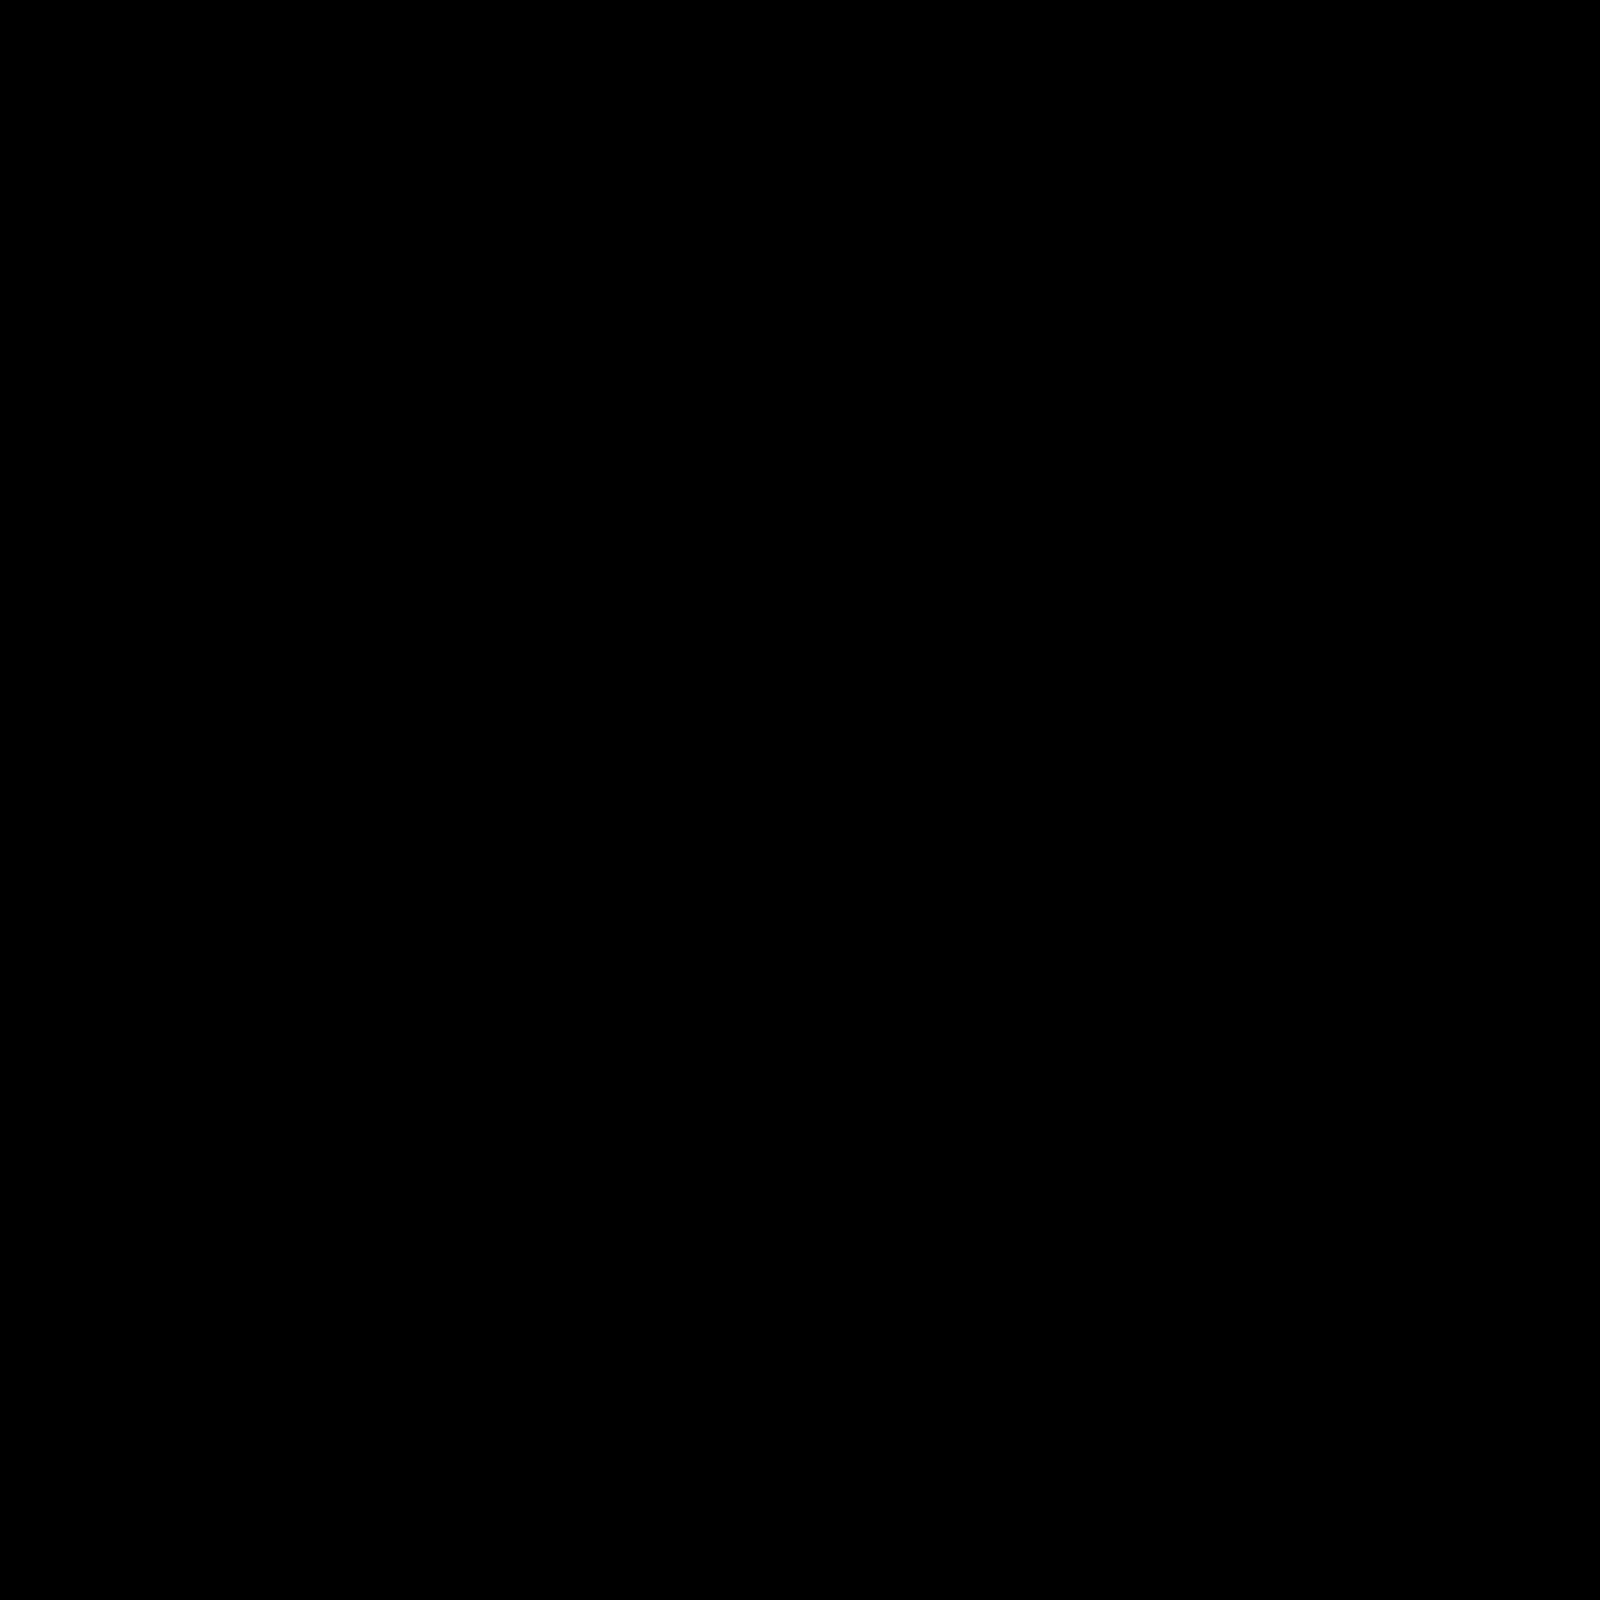 kisspng-clapperboard-computer-icons-film-clip-art-portal-5aca8bb9d00789.6923881015232234818521.png